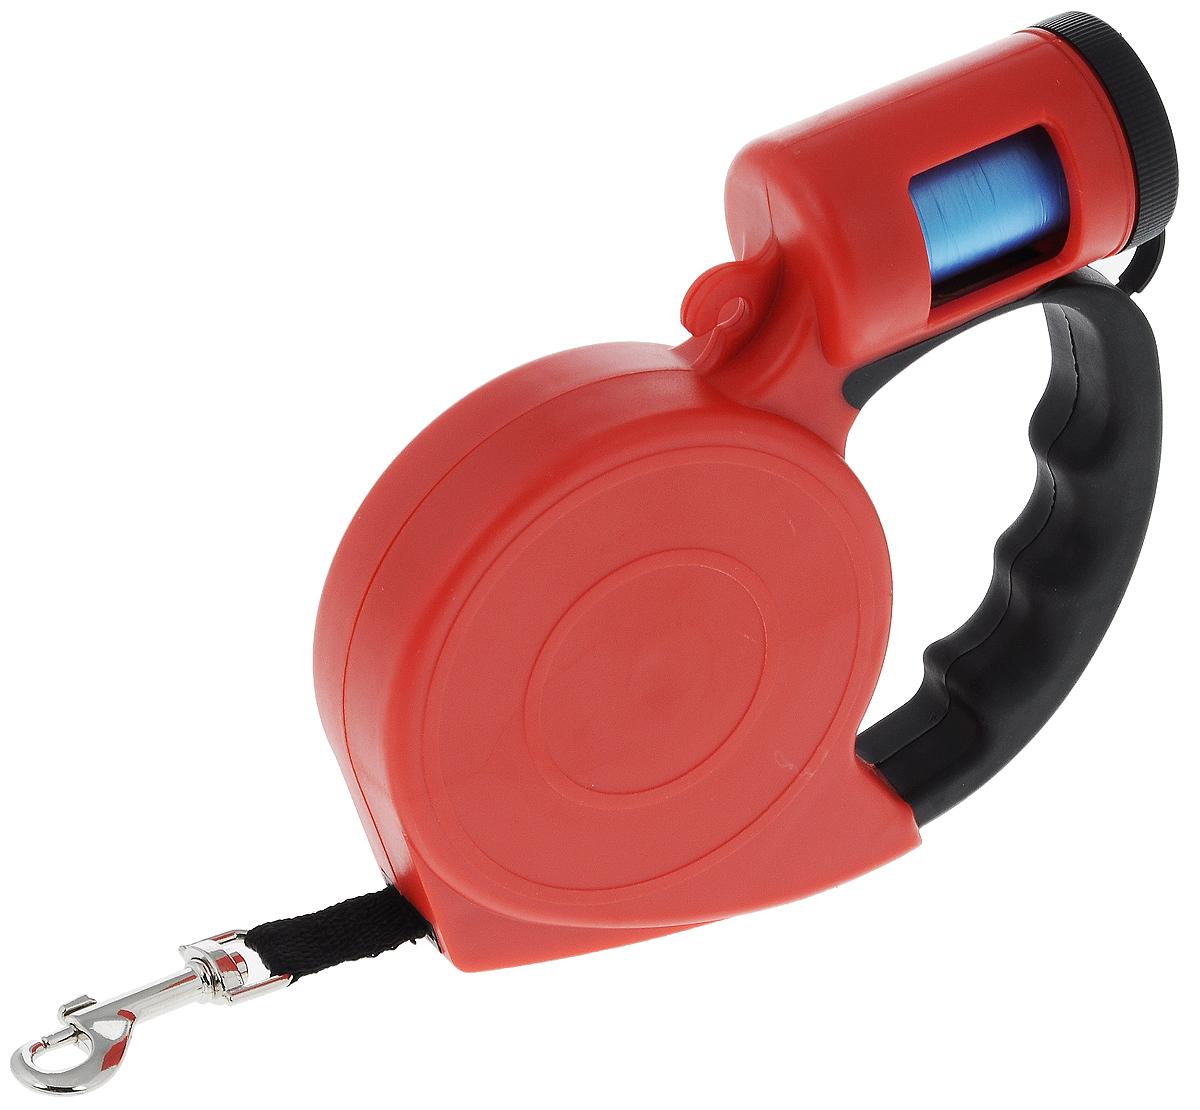 Поводок-рулетка Pet Fun, с диспенсером для гигиенических пакетов, 5 м0120710Поводок-рулетка Pet Fun, выполненный из пластика, обеспечит безопасность вам и вашему любимцу. Благодаря специальному покрытию ручки и надежному замку вы сможете полностью контролировать свою собаку на прогулке.Теперь вам не придется за ней бегать. Вы можете просто ослабить фиксатор, и лента будет вытягиваться по всей длине поводка и автоматически приспосабливаться к движениям вашей собаки до того момента, пока вы не нажмете на кнопку блокировки.Изделие оснащено диспансером для гигиенических пакетов.В комплект входит 1 рулон с 20 гигиеническими пакетами, изготовленными из полиэтилена. Они предназначены для уборки за собакой в общественных местах (подъезд, двор, газон, общественный транспорт).Длина поводка: 5 м.